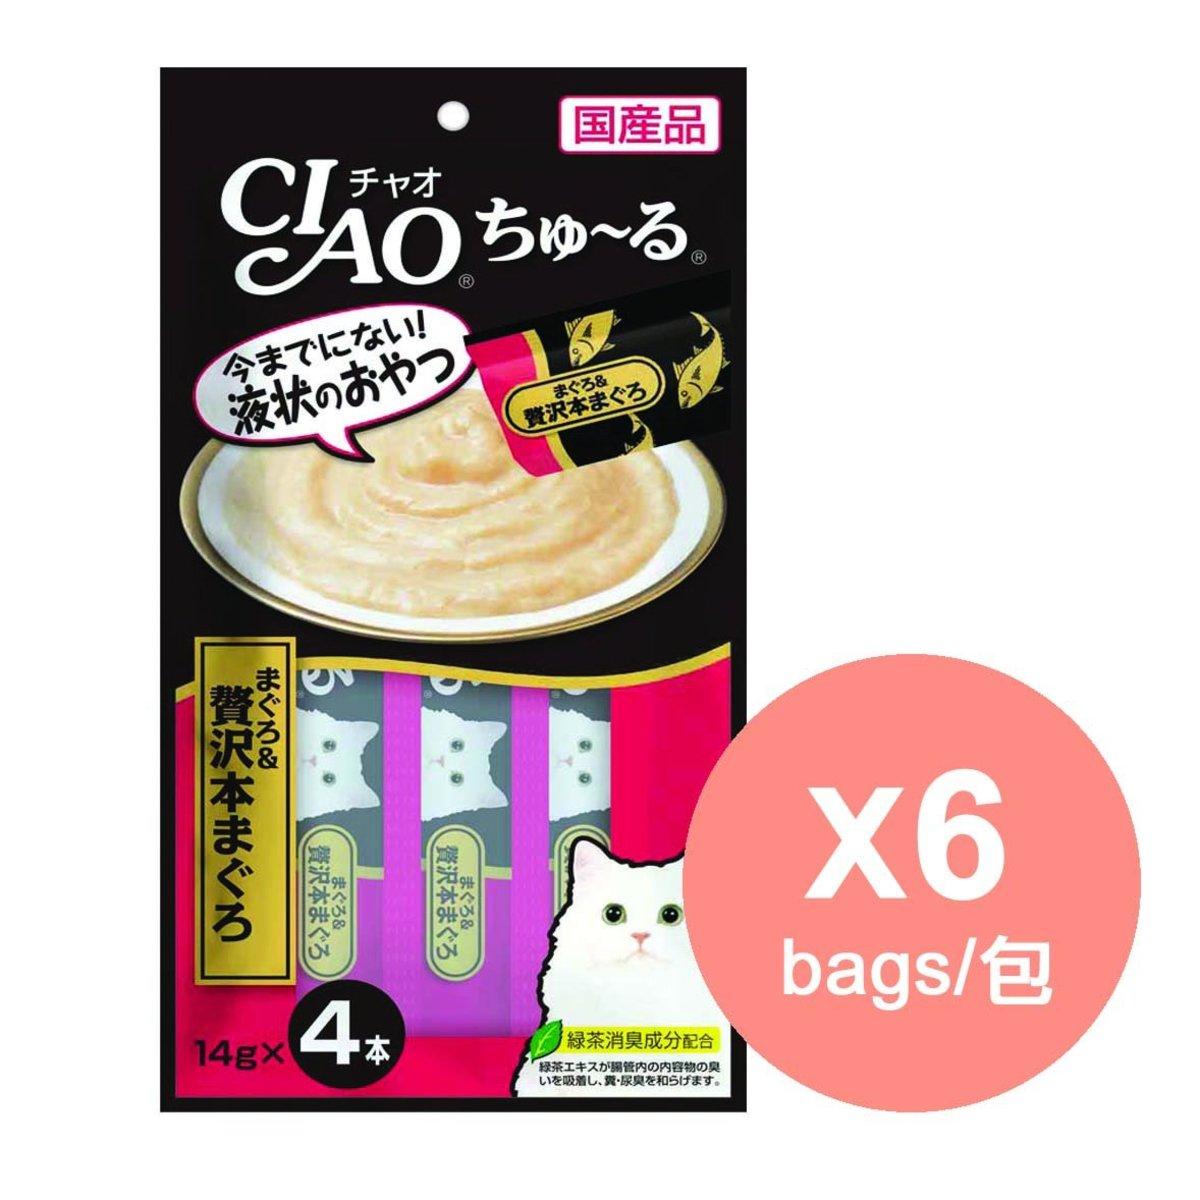 (行貨)CIAO SC-150 吞拿魚+極品吞拿魚SC-150x6